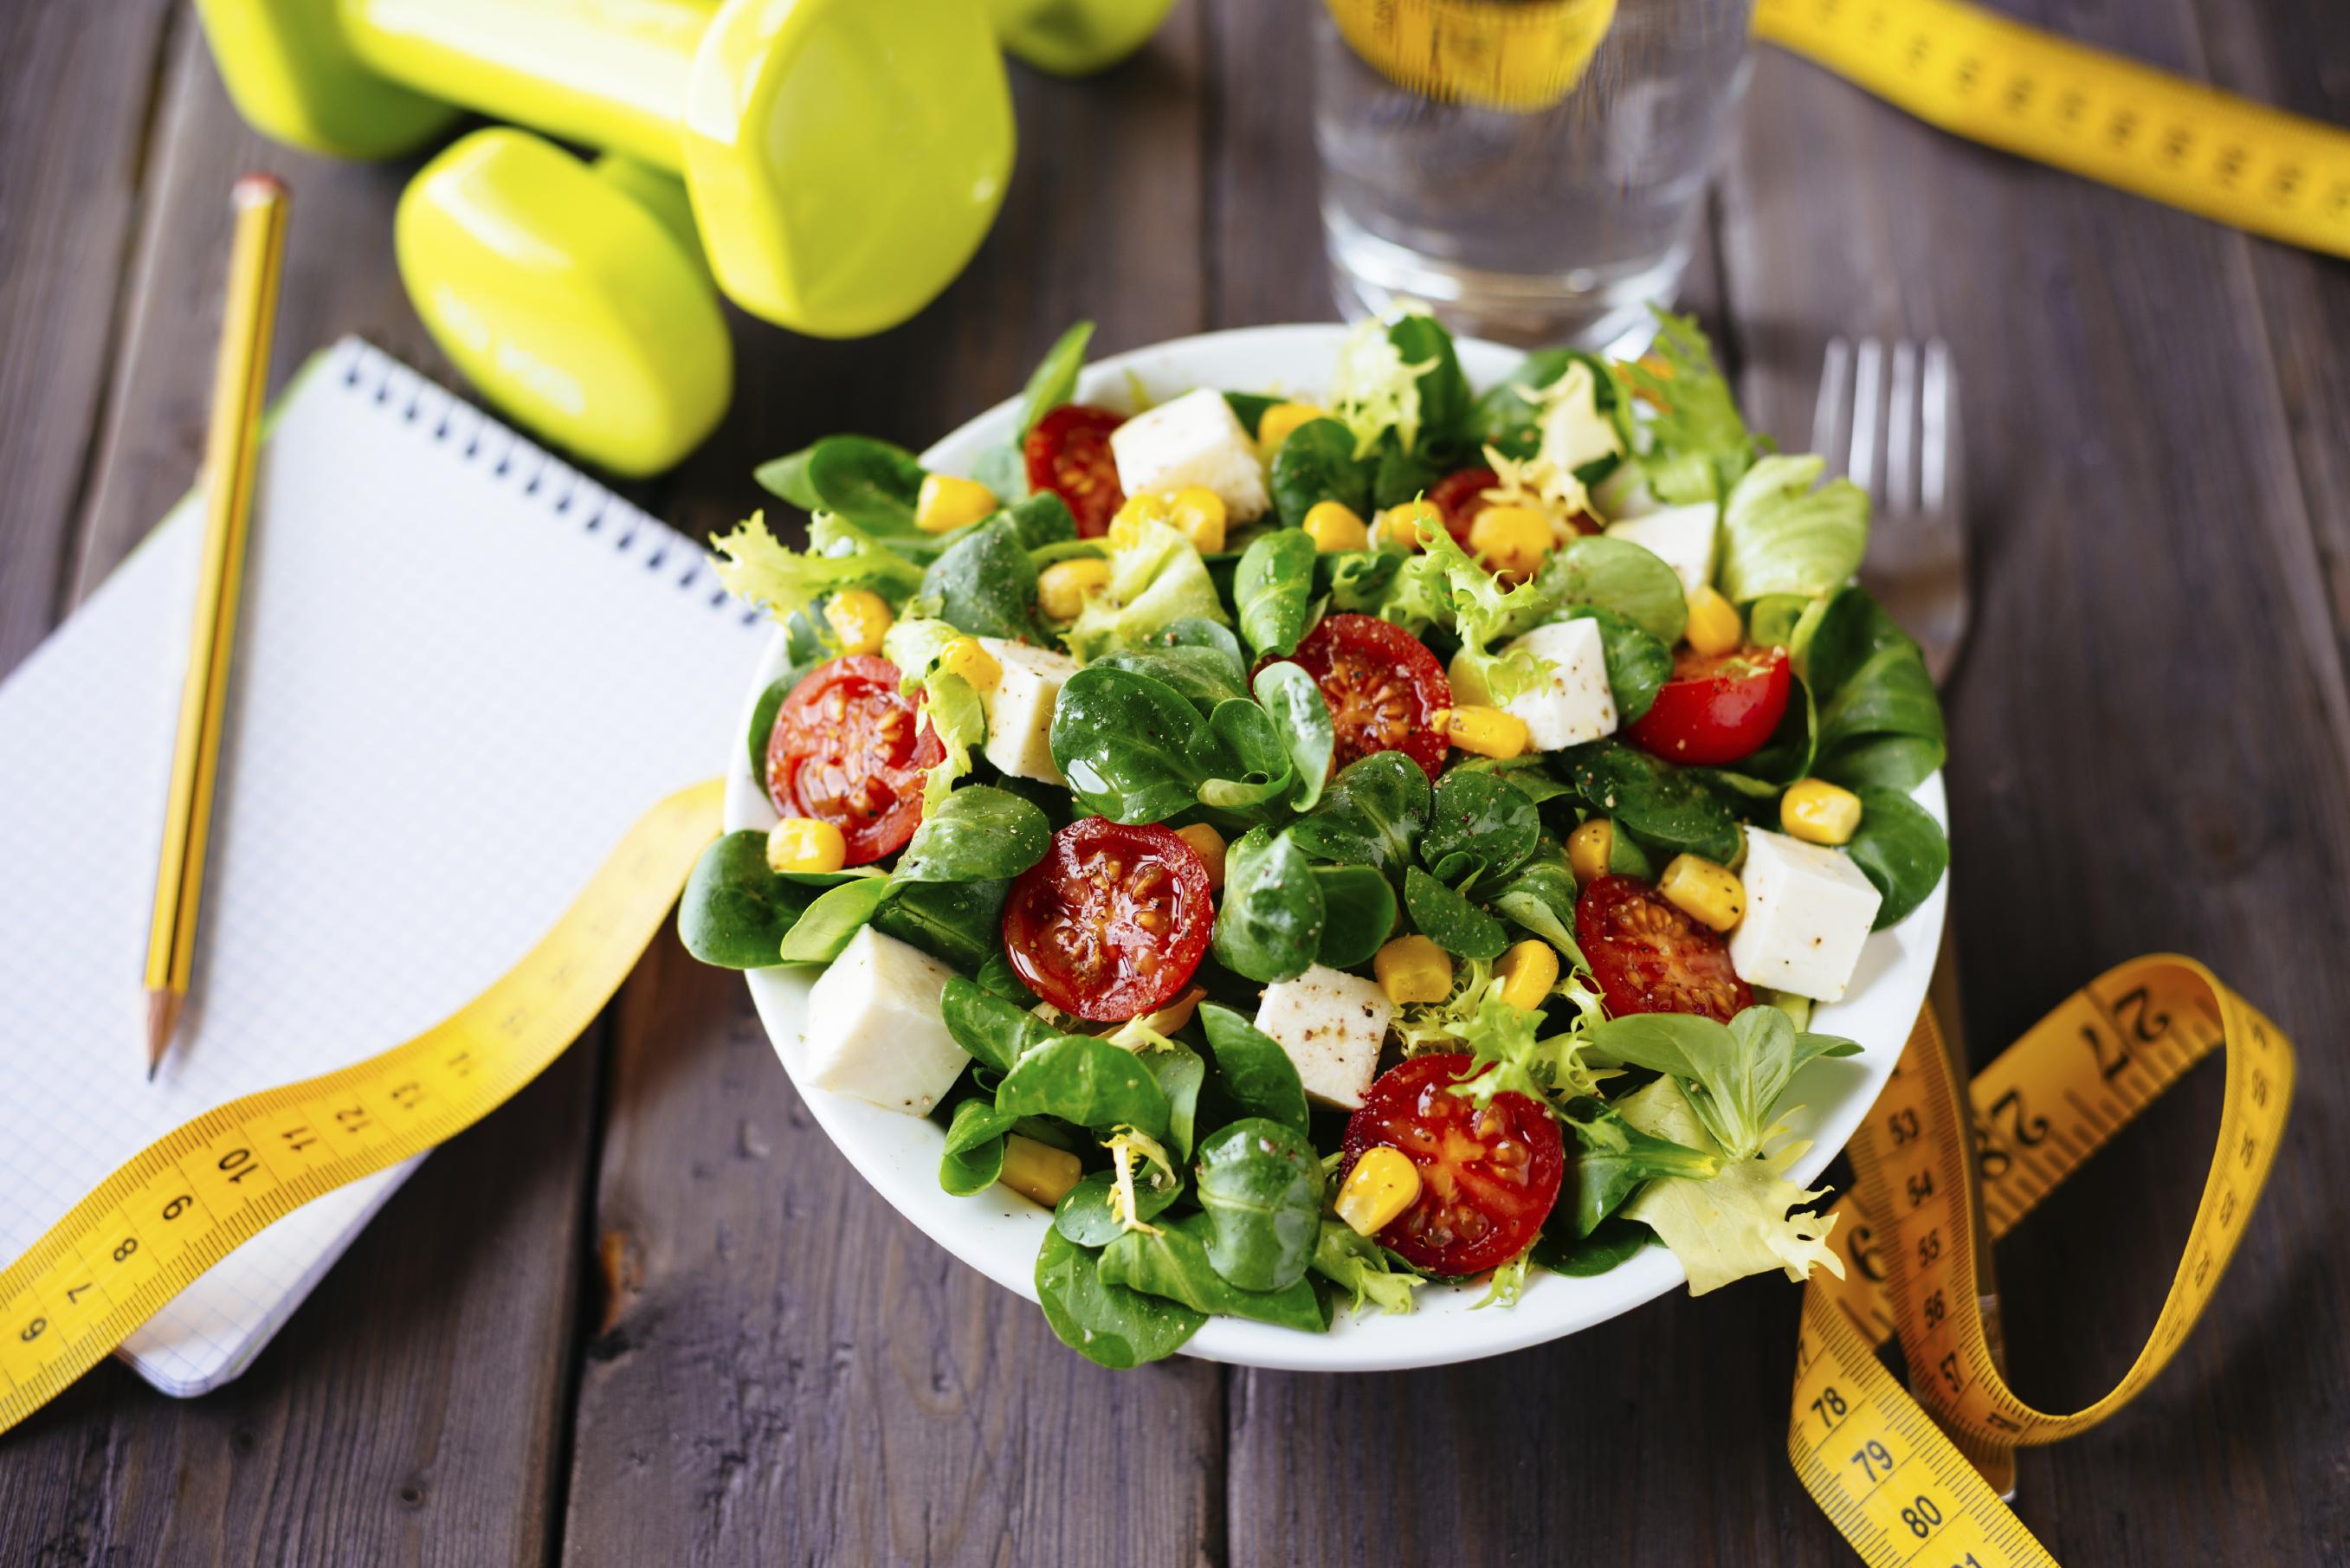 Le rôle primordial de l'alimentation pour perdre du poids